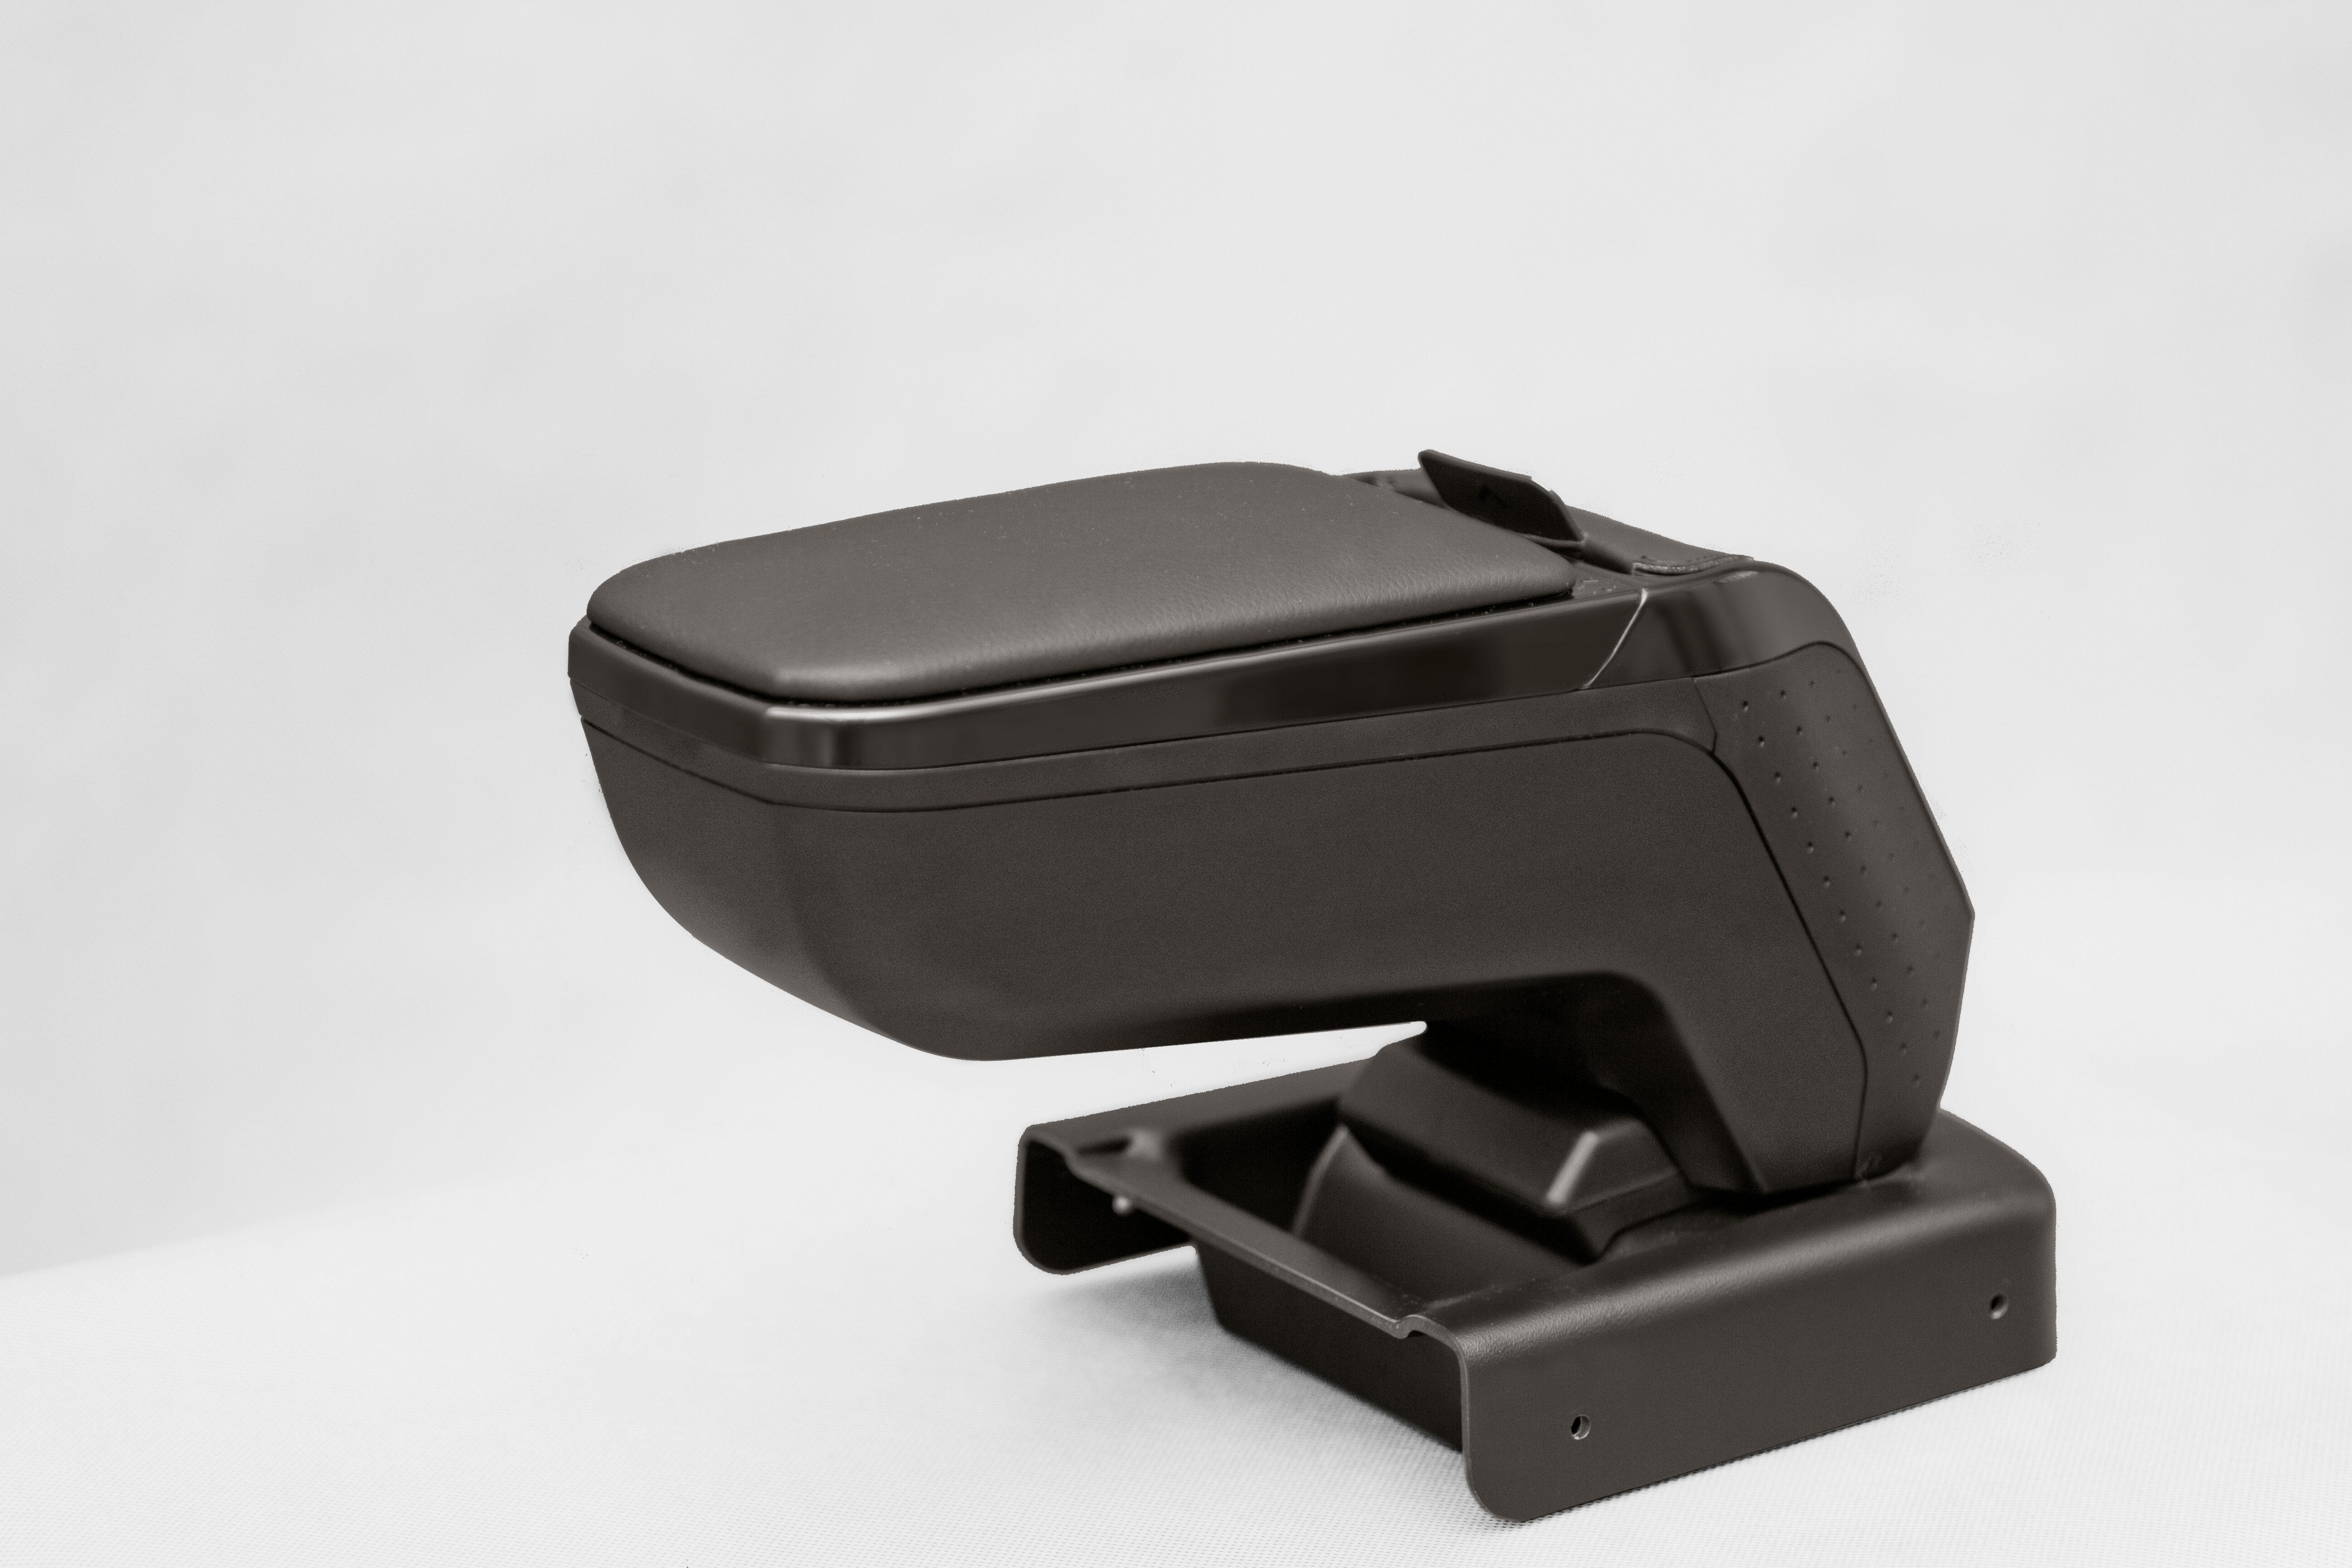 Подлокотник для Форд Фокус 3 ( Ford Focus 3 ) 2011-2014 года черный Armster V00301